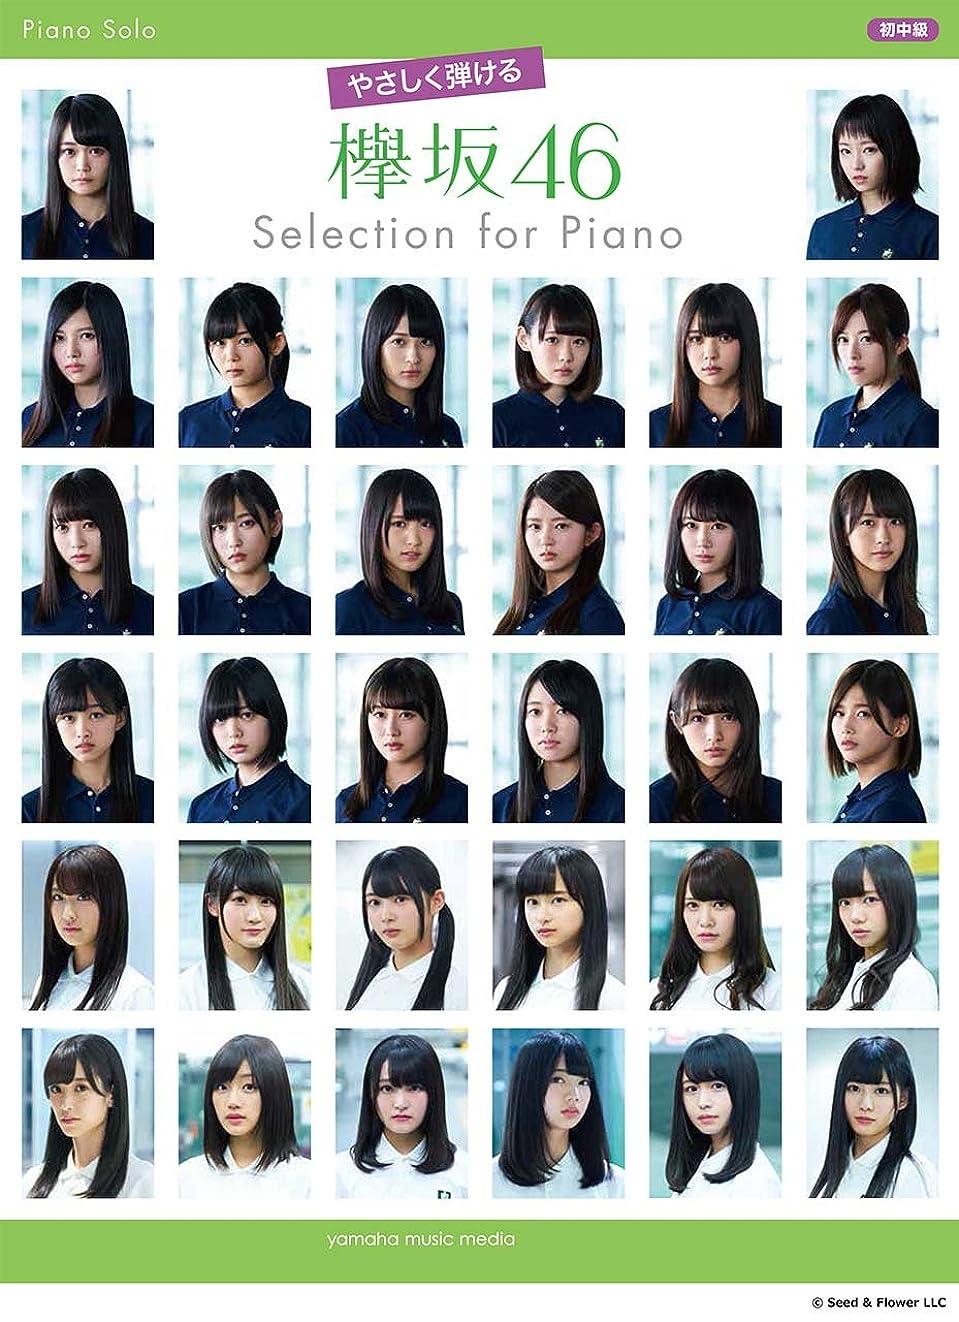 ストレンジャー不運頭ピアノソロ やさしく弾ける 欅坂46 Selection for Piano